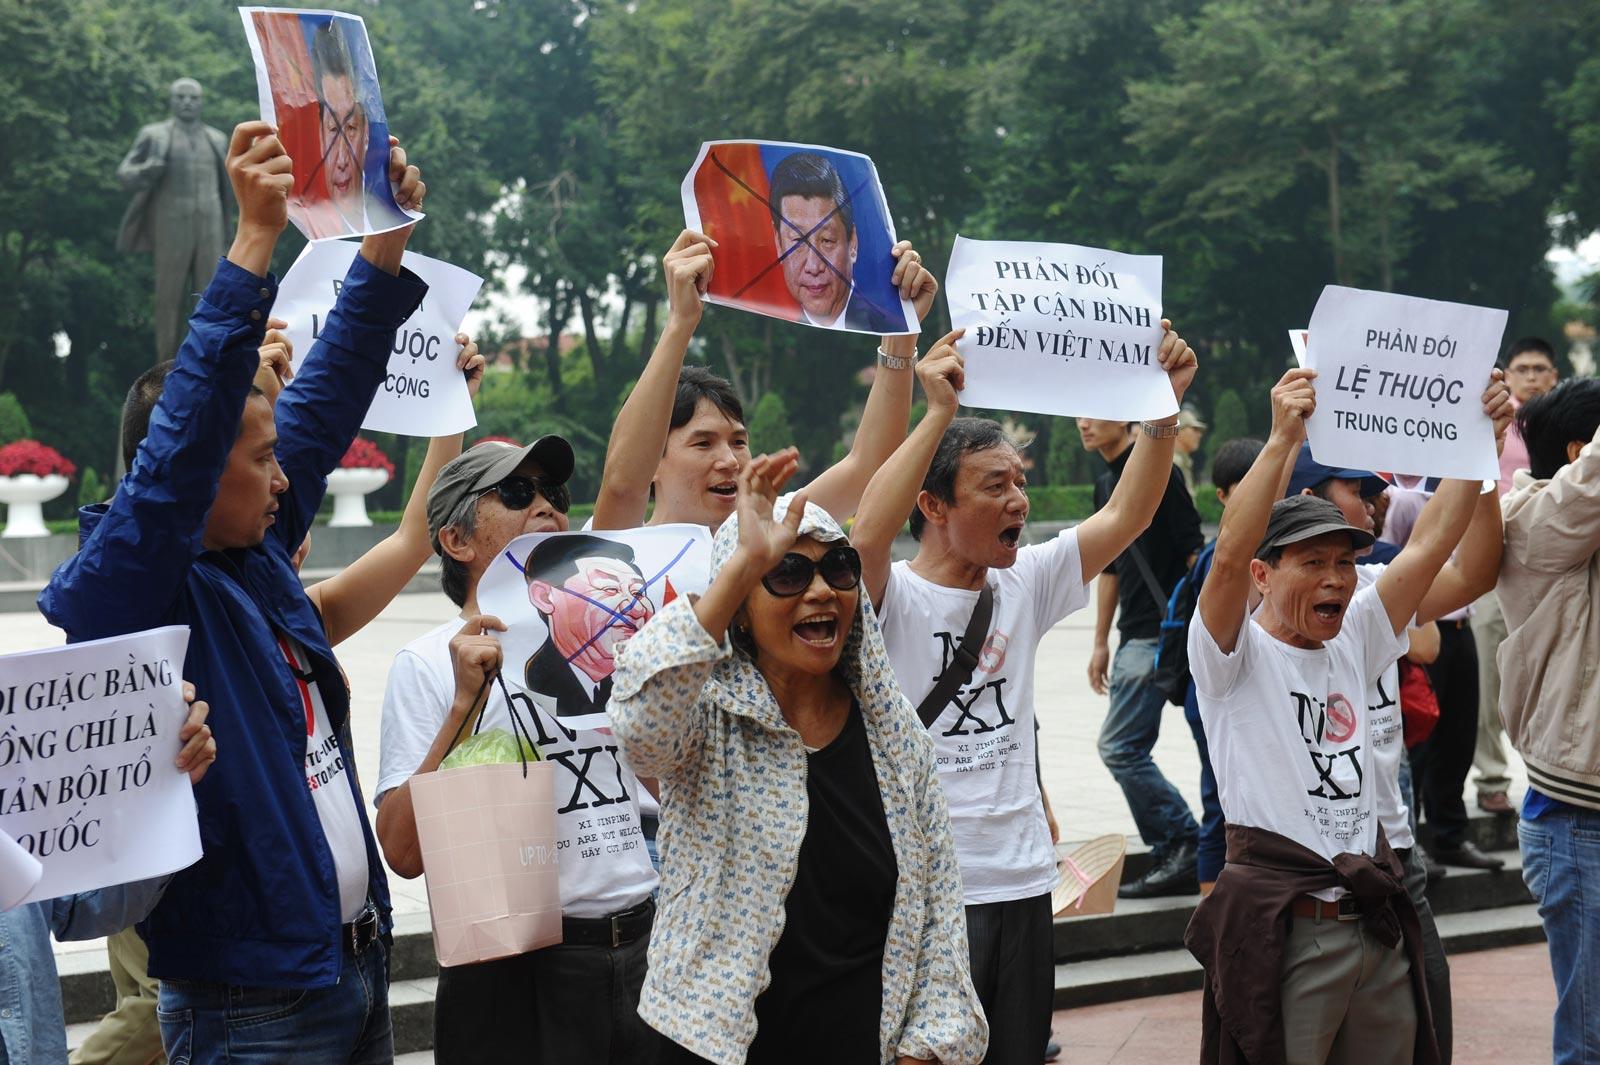 Vietnam's vanguard